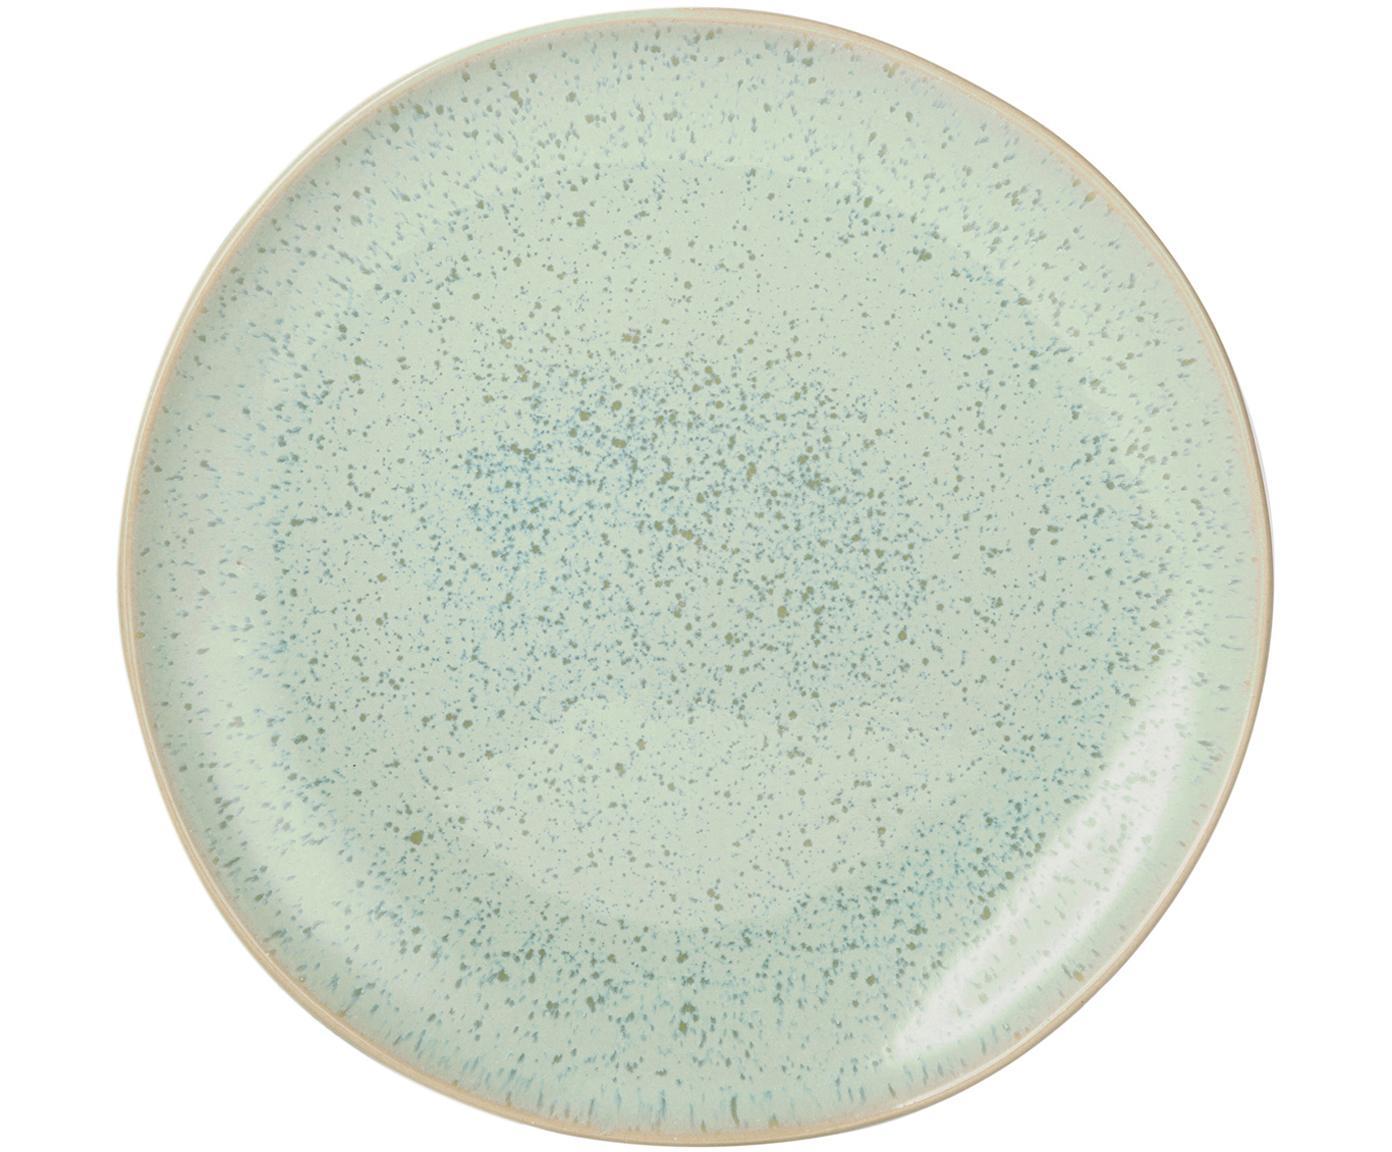 Handbeschilderde ontbijtborden Areia, 2 stuks, Keramiek, Mintkleurig, gebroken wit, beige, Ø 22 cm